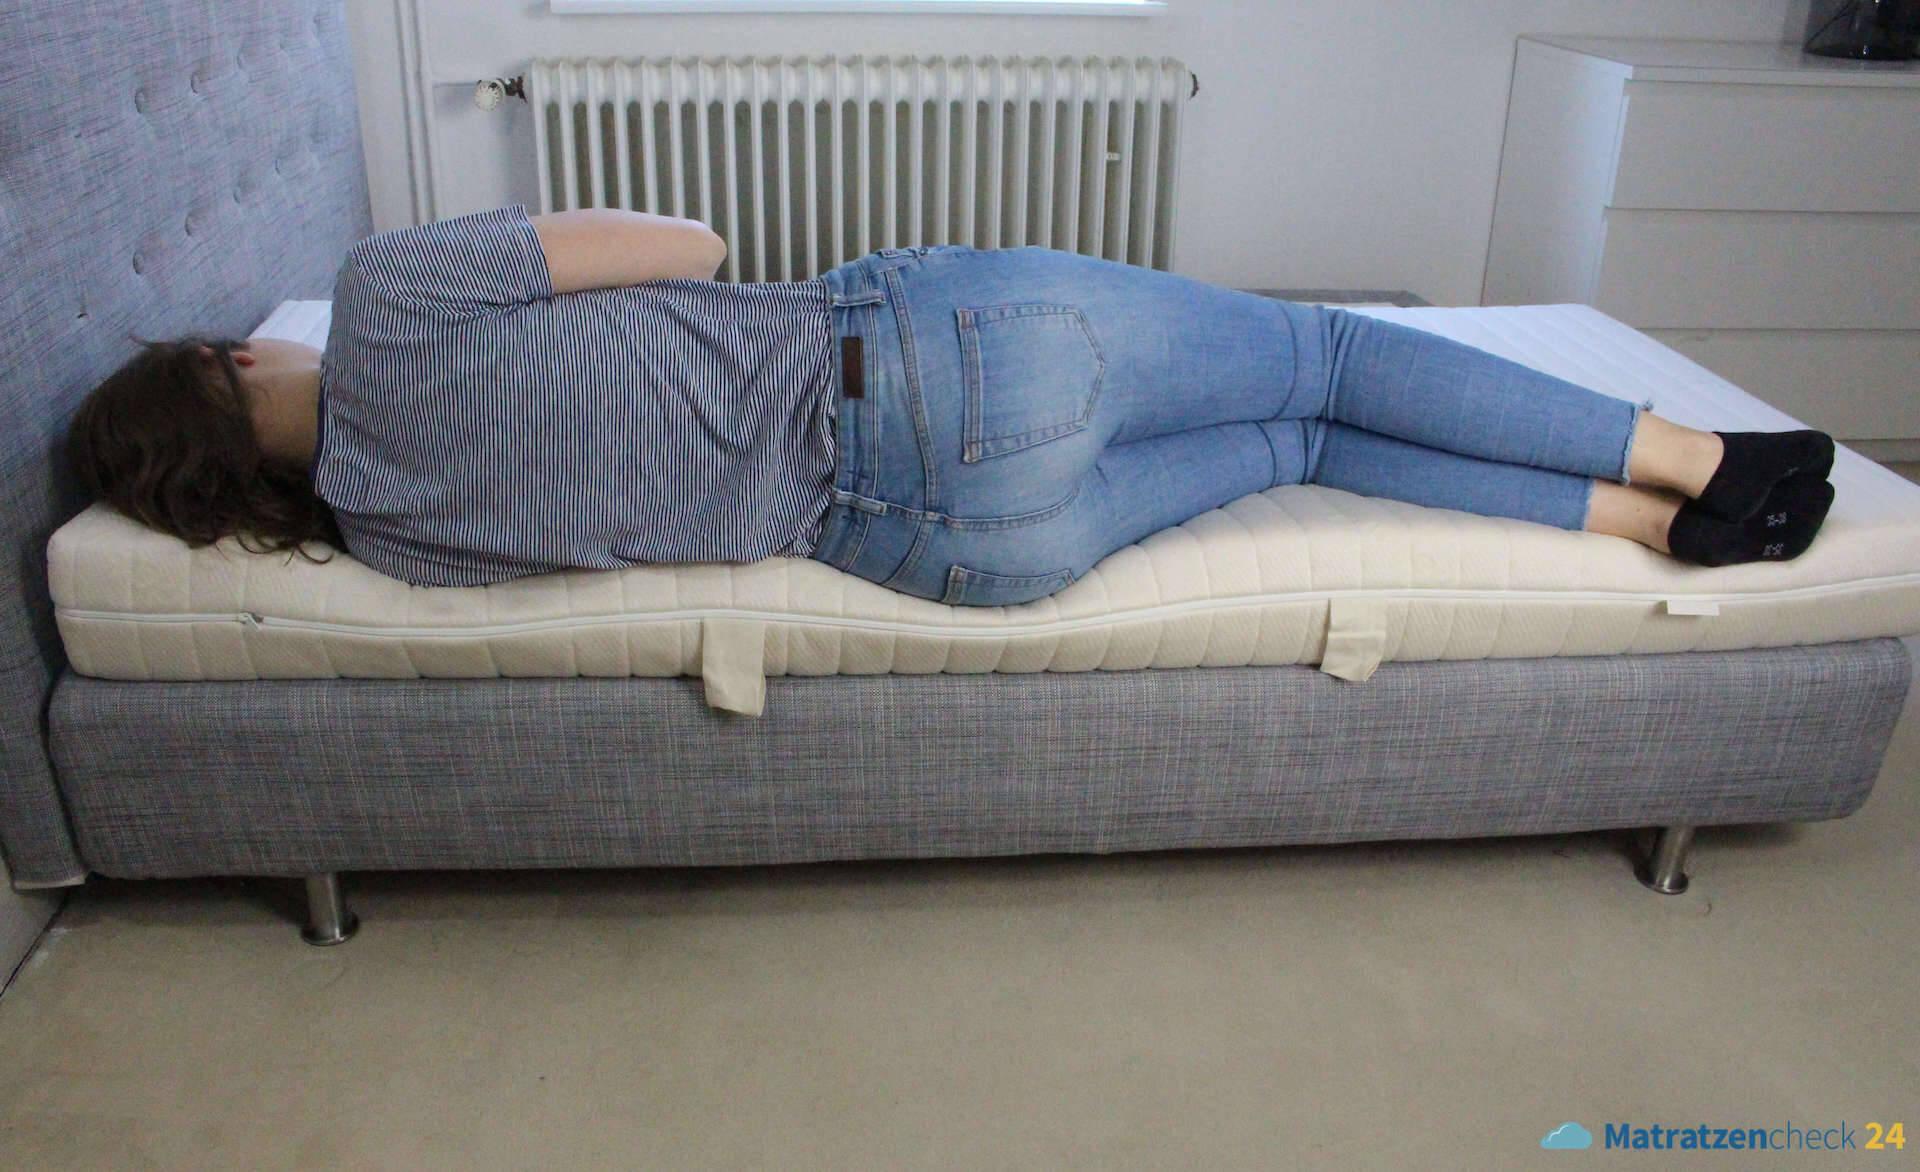 allnatura Supra-Comfort Matratze Probeschläferin auf der Seite